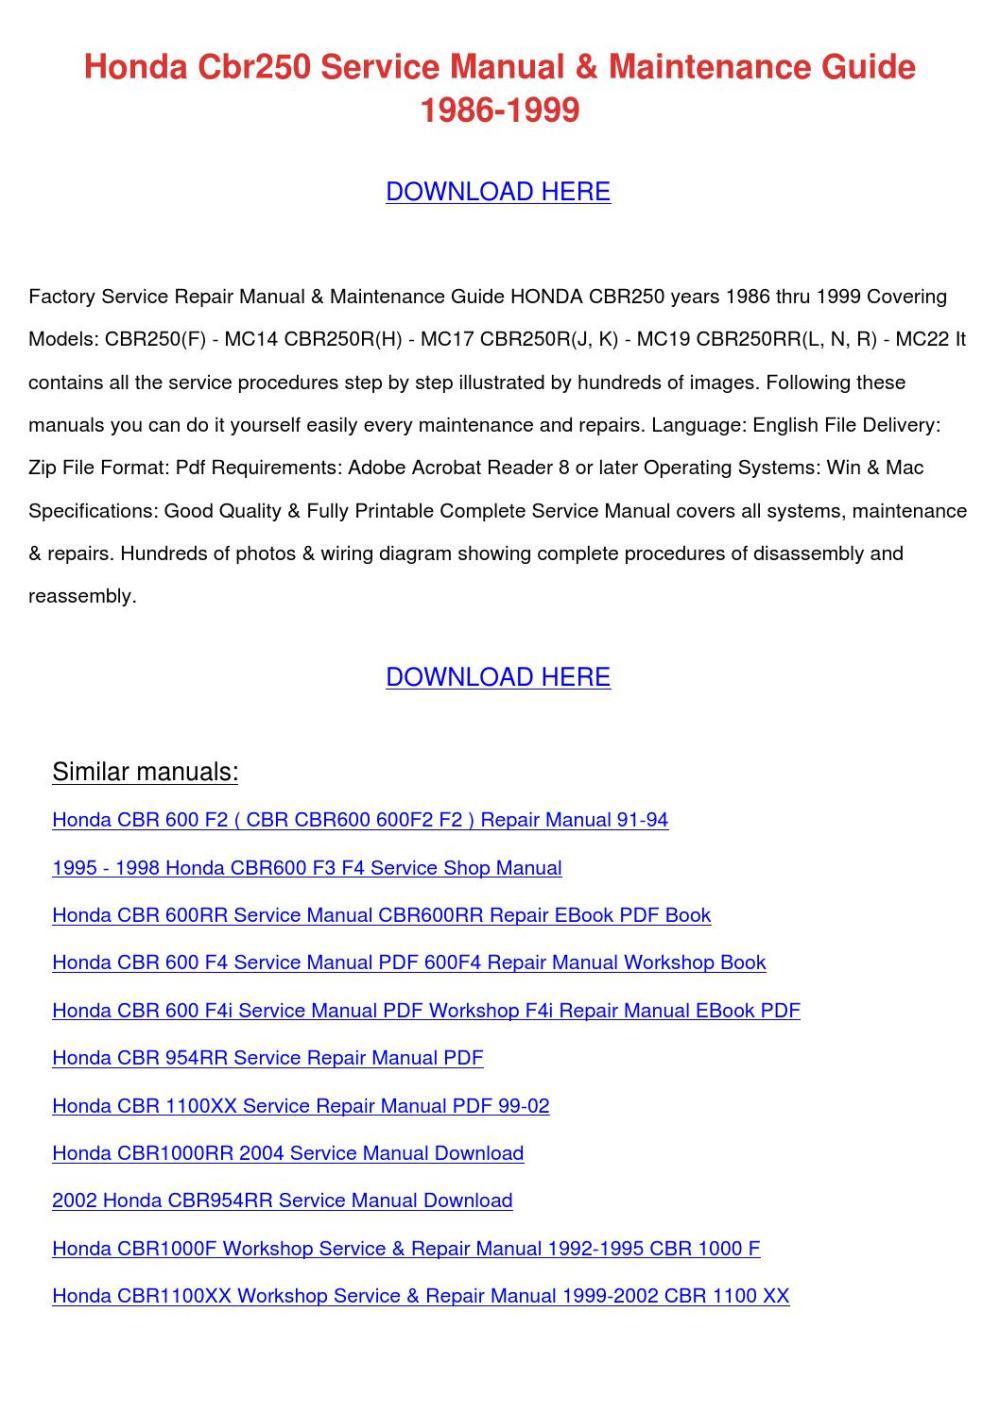 medium resolution of honda cbr250 service manual maintenance guide by tomokostott issuu